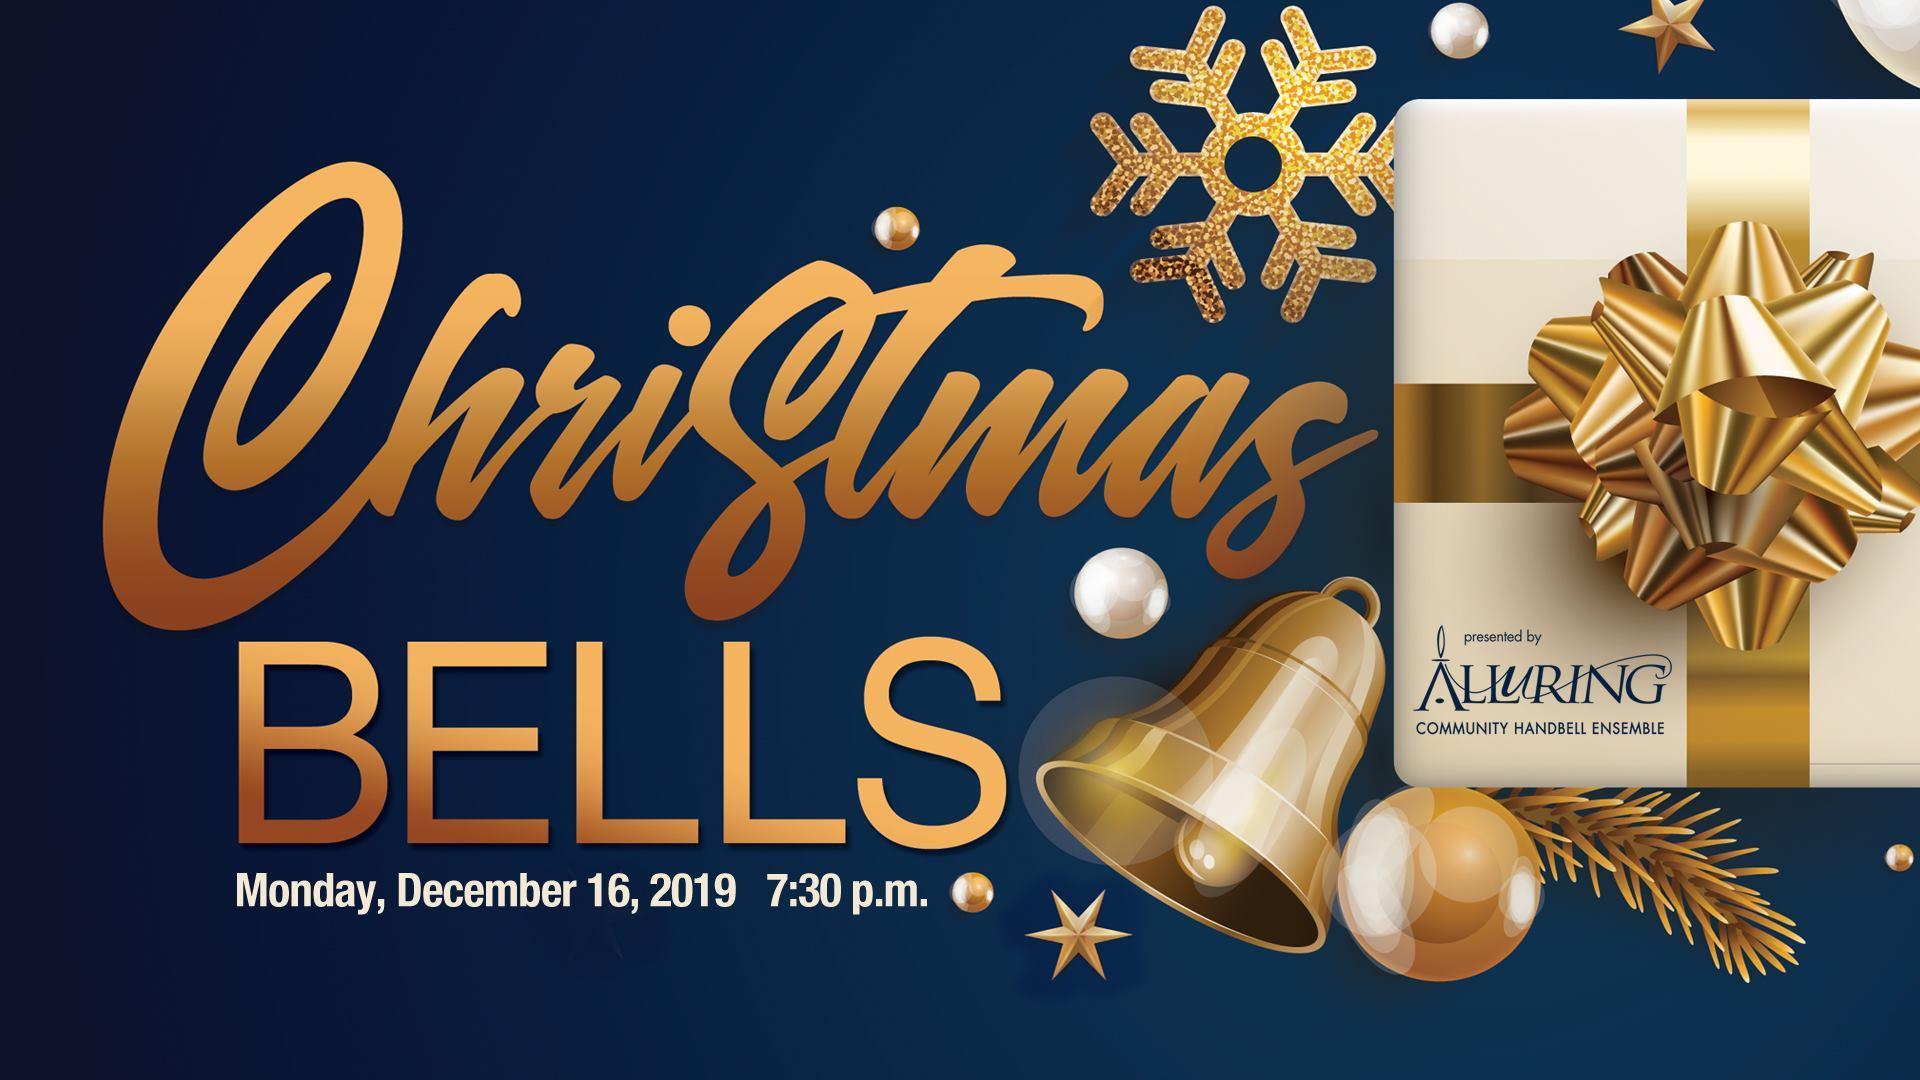 2019 Christmas Handbell Concert - Alluring